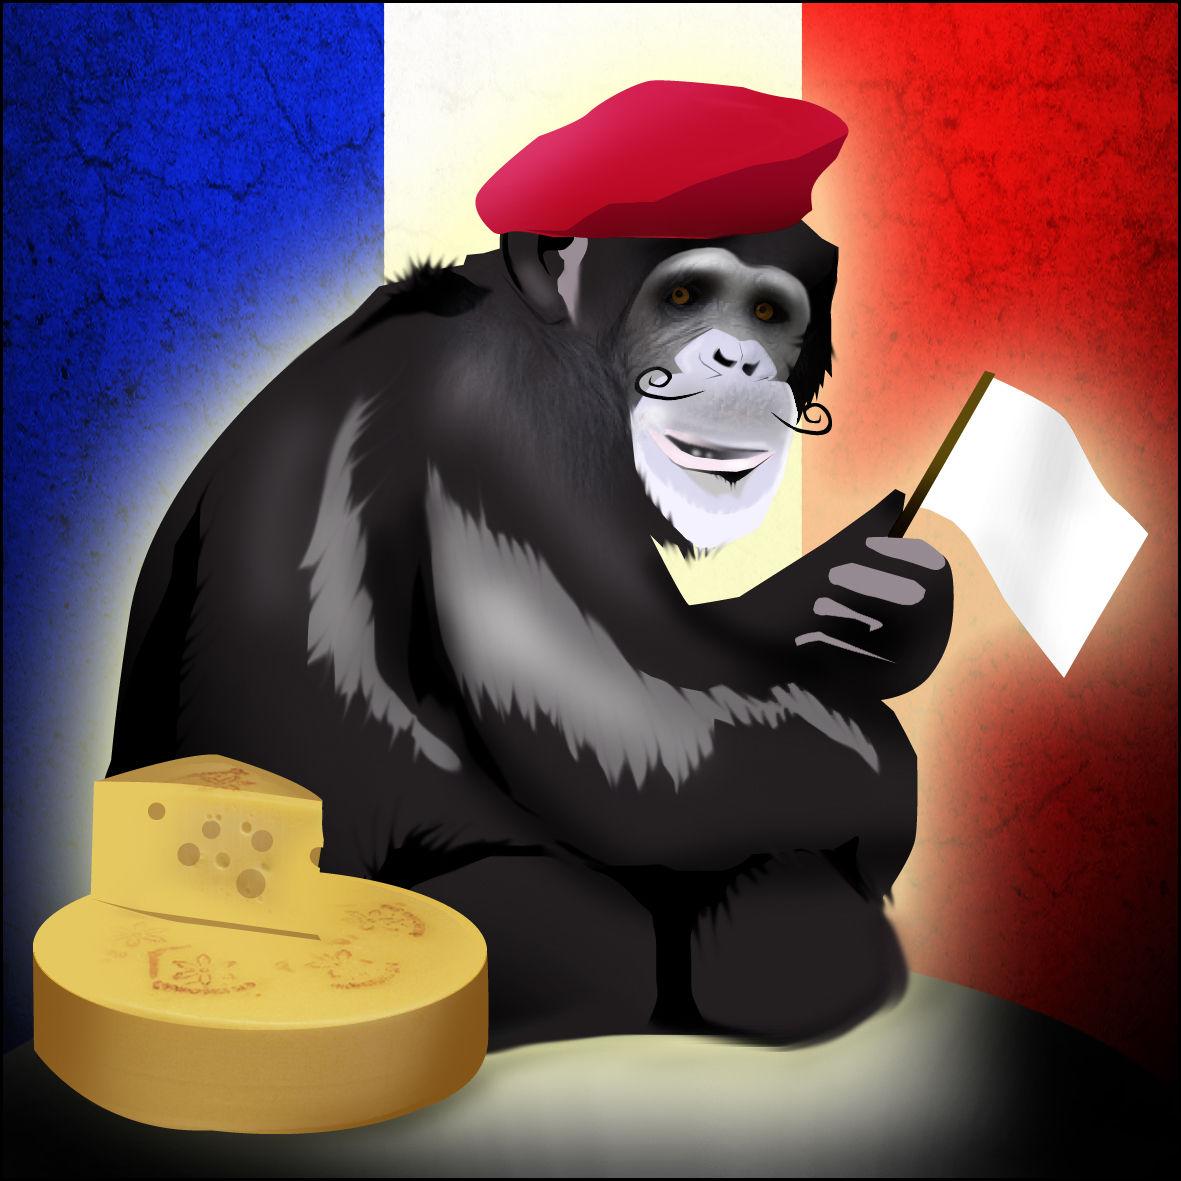 仏人「お前らはいつまでフランス...